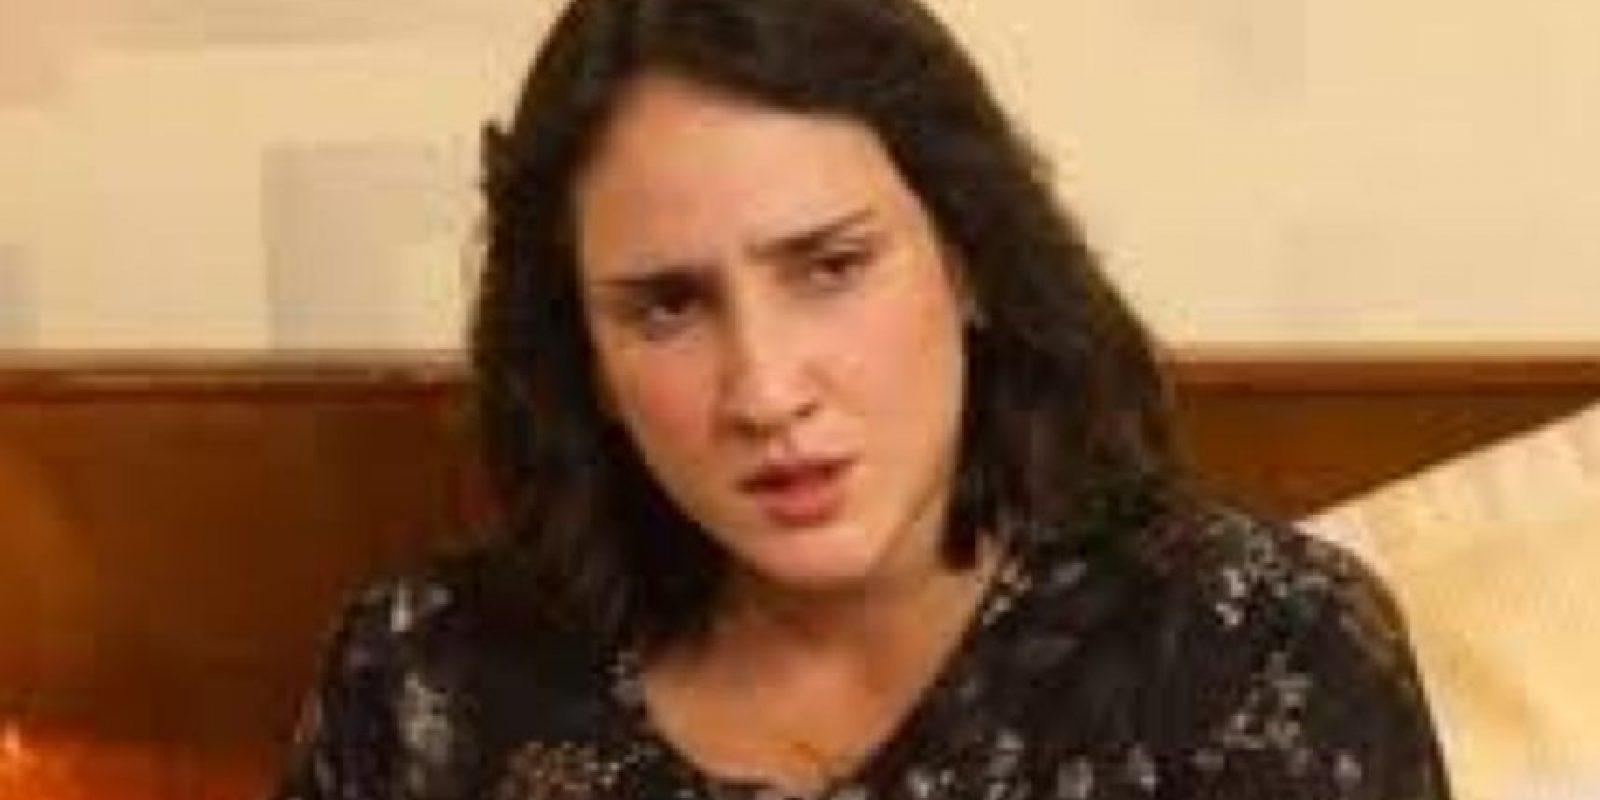 """Pasó 15 meses en prisión, luego salió libre. Ahora lleva una vida tranquila. La actriz Cecilia Navia la interpretó en """"Escobar, el patrón del mal"""". Foto:vía Canal Caracol"""